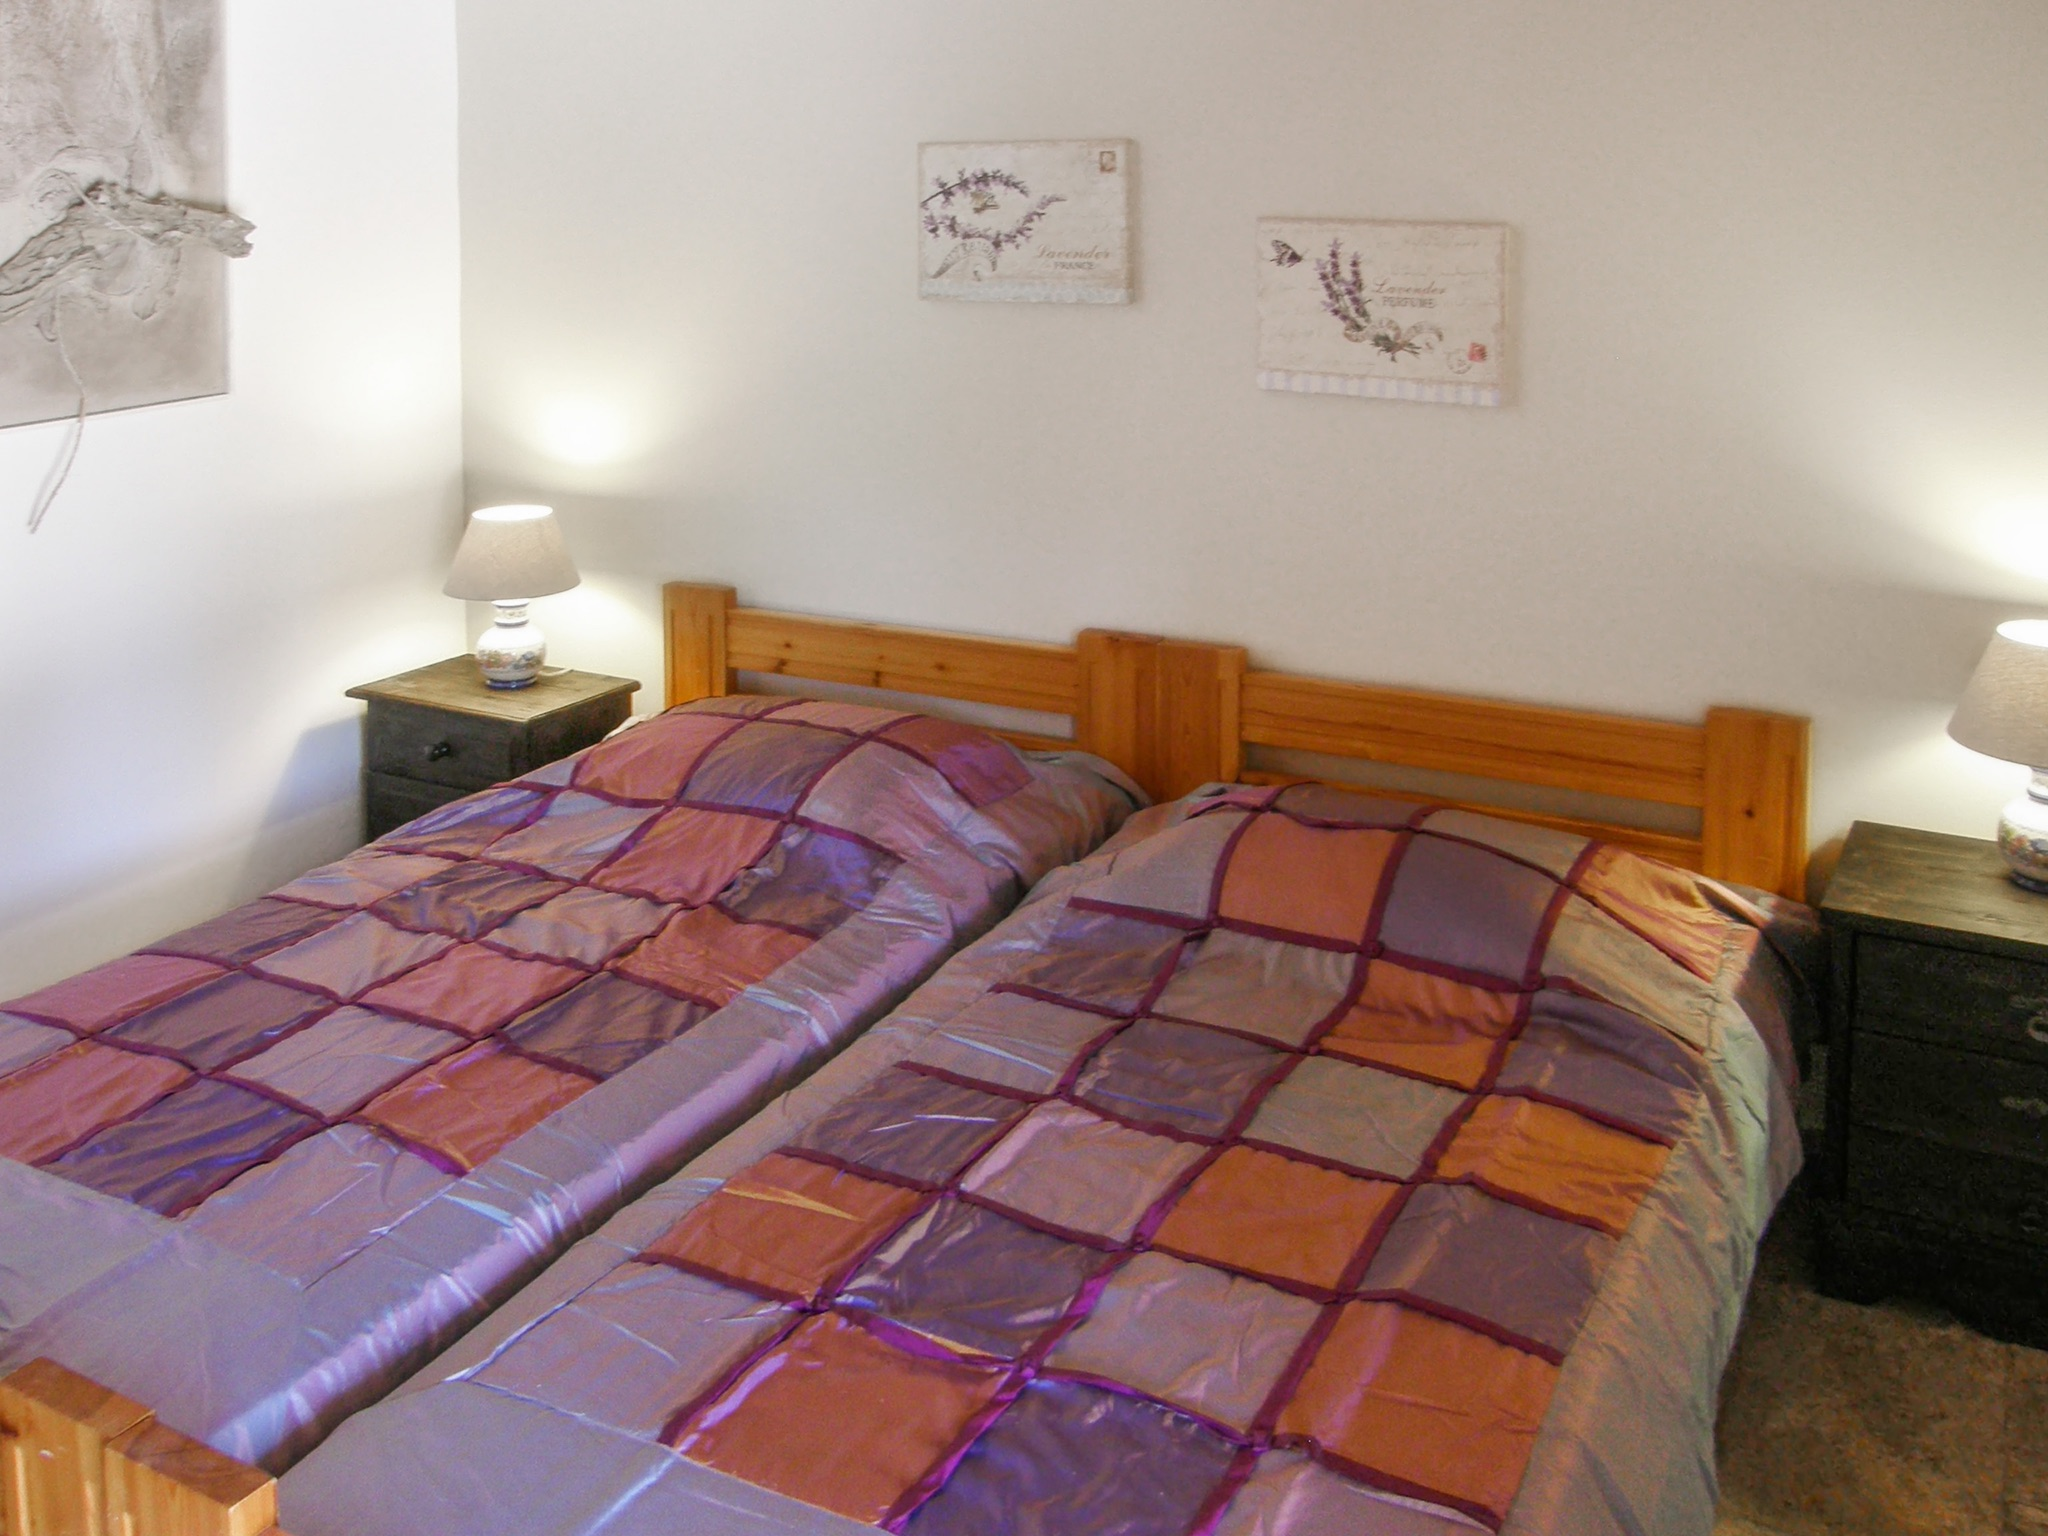 Ferienhaus Villa mit 6 Zimmern in Xiropigado mit herrlichem Meerblick, eingezäuntem Garten und W-LAN  (2201333), Xiropigado, , Peloponnes, Griechenland, Bild 23